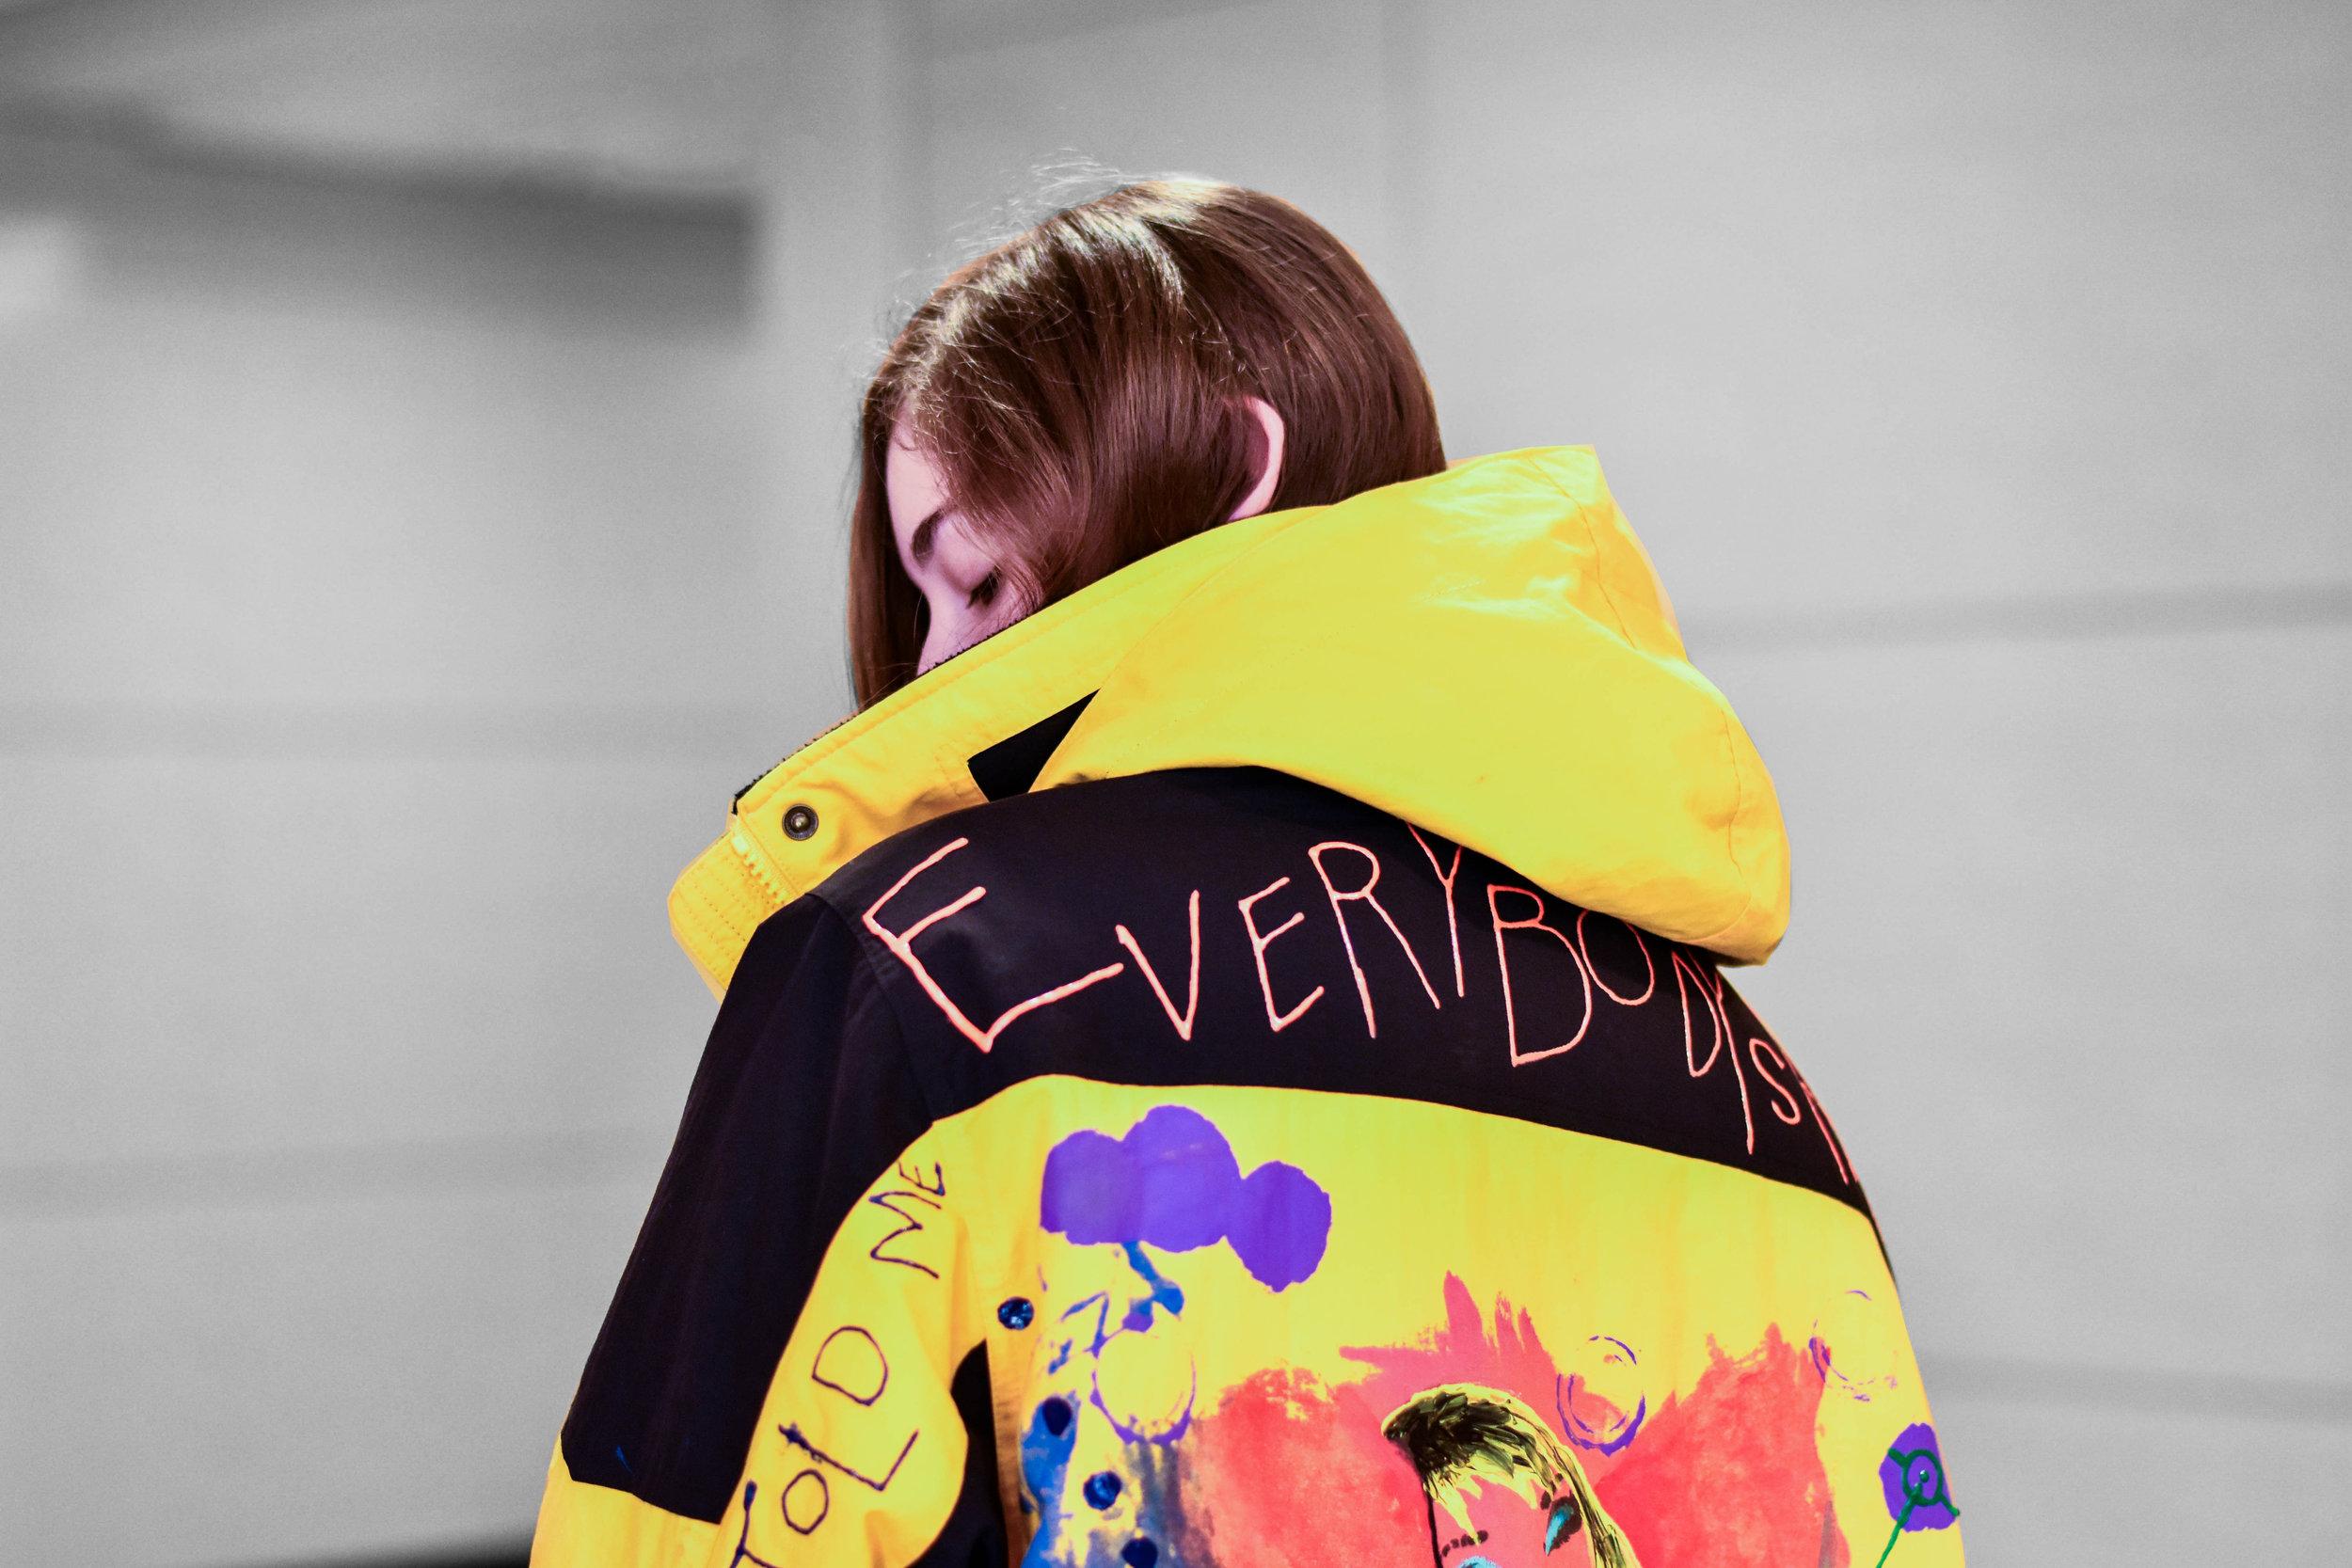 Rachel takes custom orders for her hand painted jackets. (DM for info)  Instagram  @bagel.jpg   Photo- Alex Leav